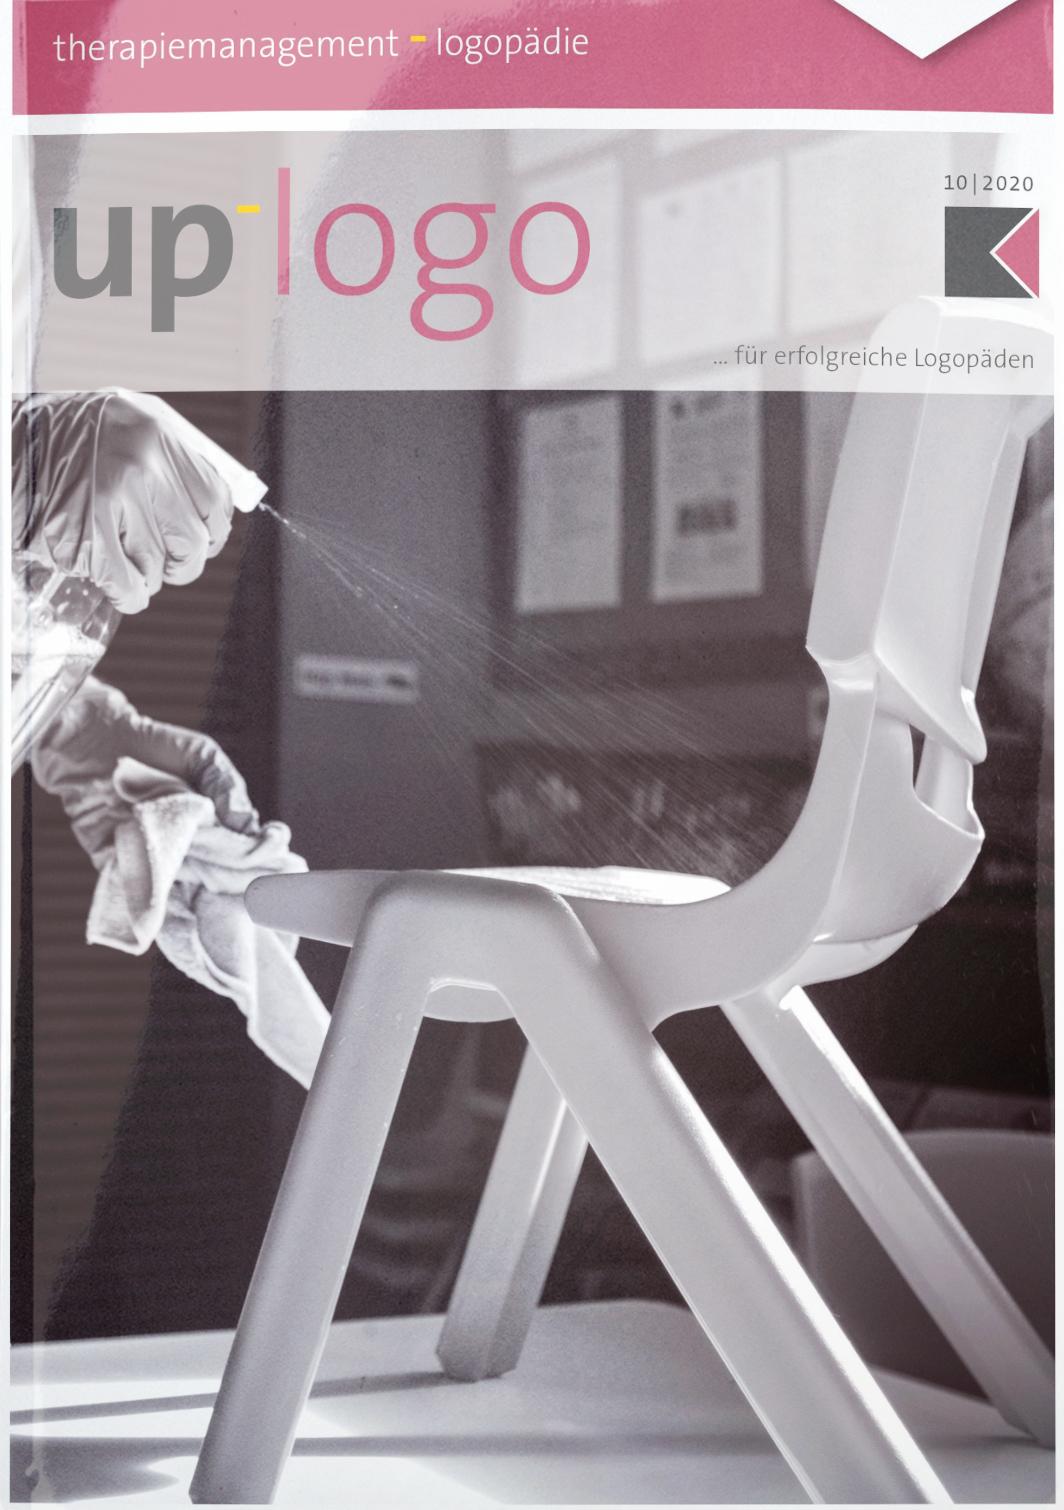 up_logo 10/2020